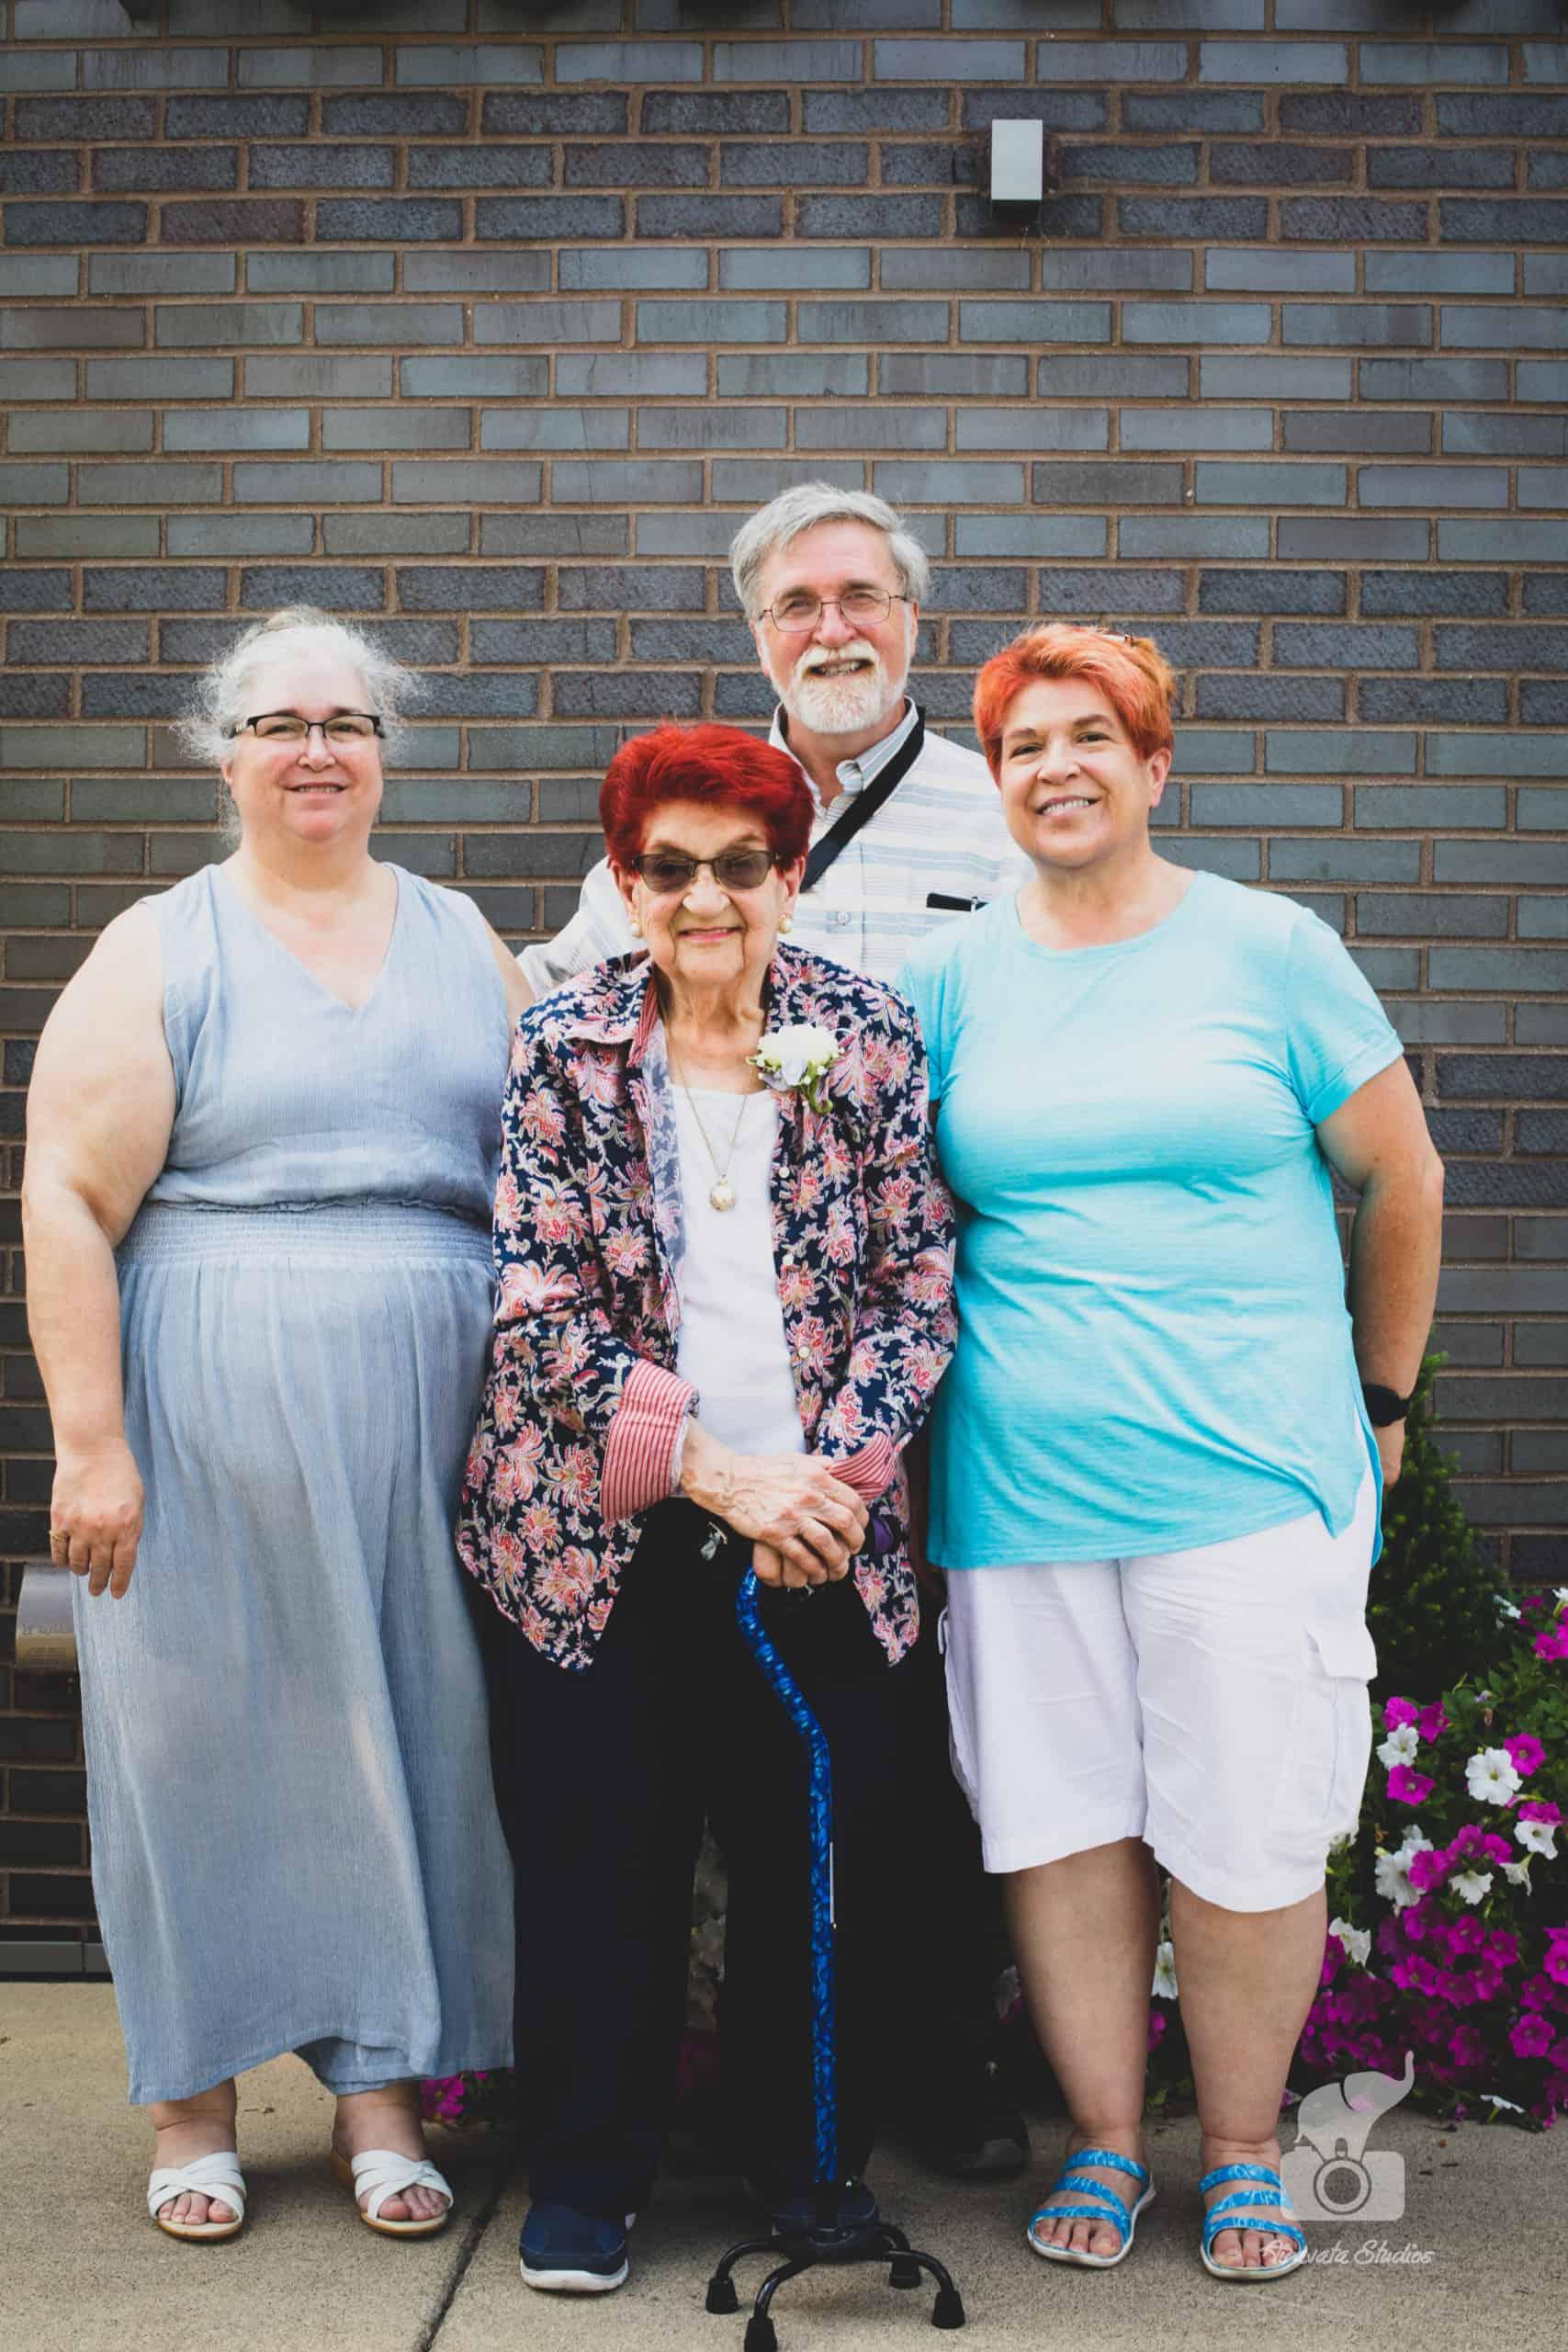 Ann Arbor Event Photography9